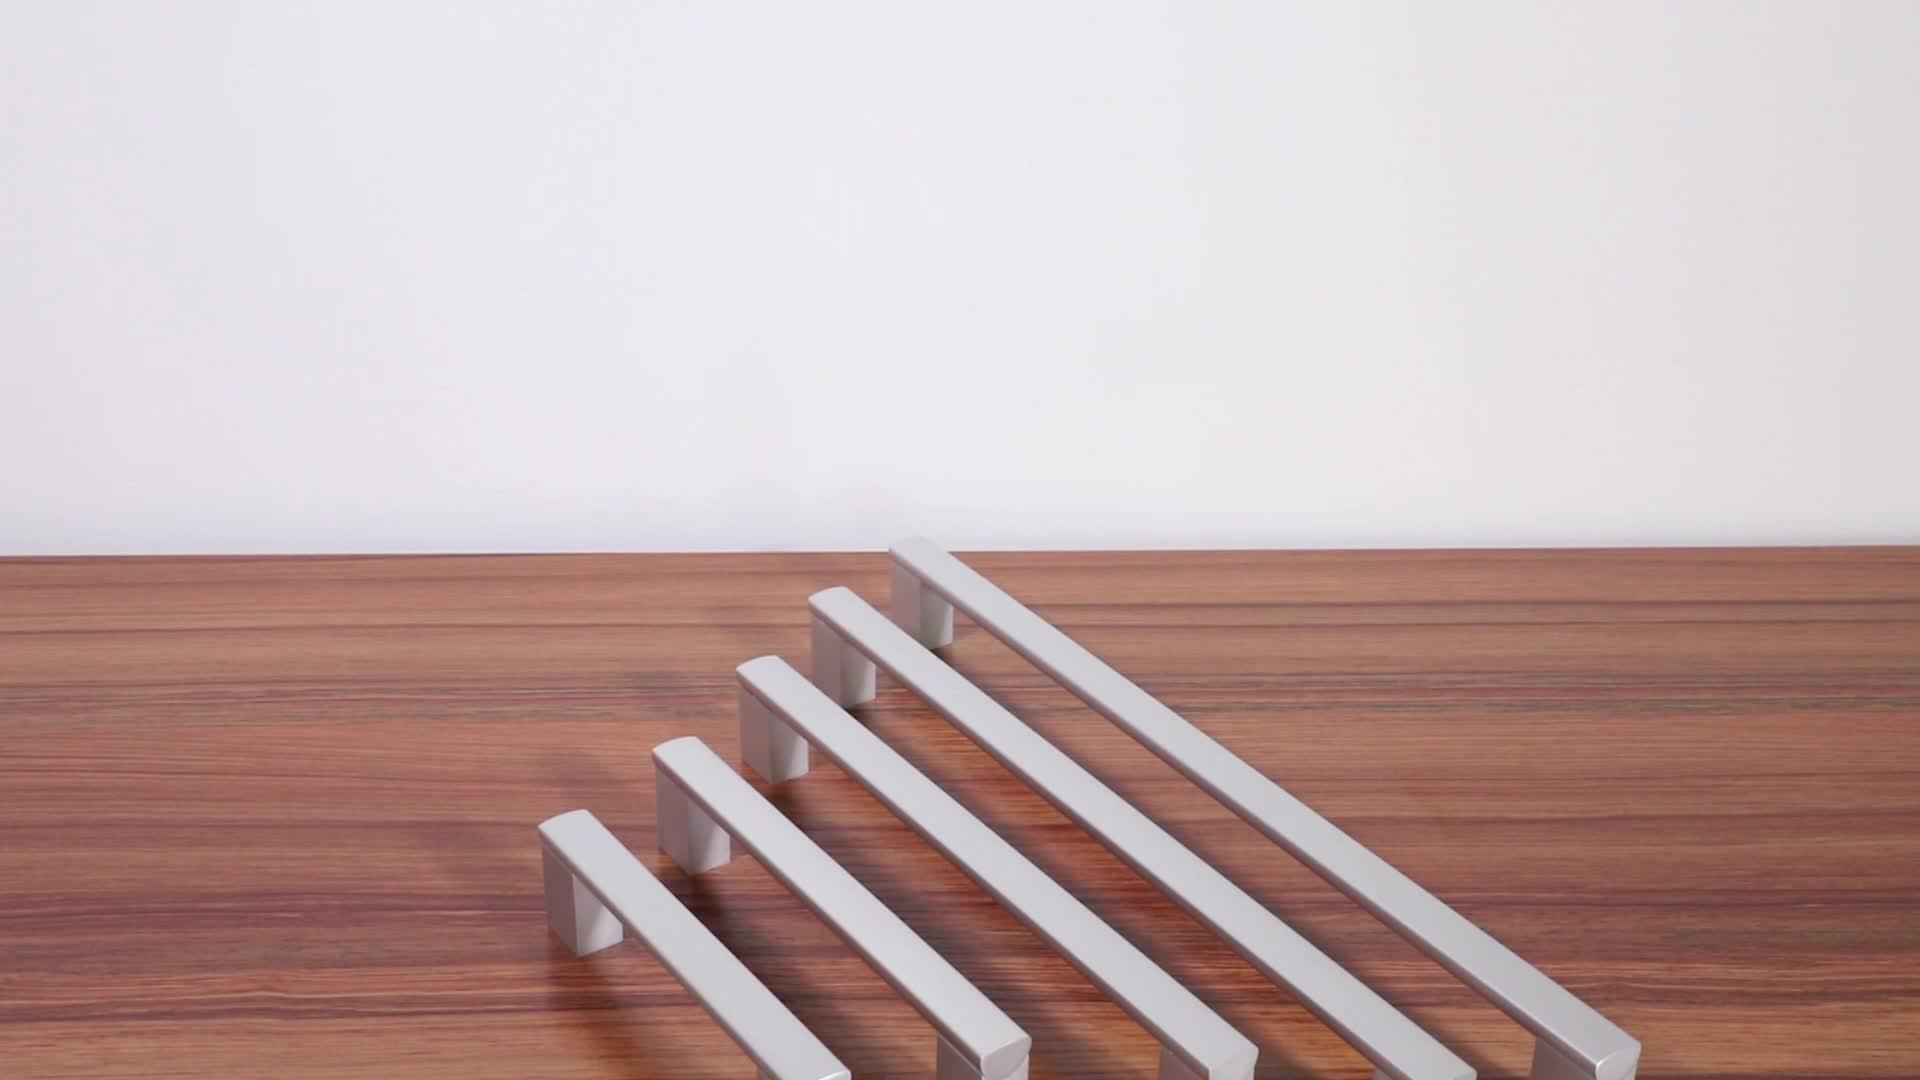 الحديث بسيط مربع الأثاث الأجهزة سبائك الألومنيوم مطبخ مقابض للخزانة خزانة خزانة درج يسحب